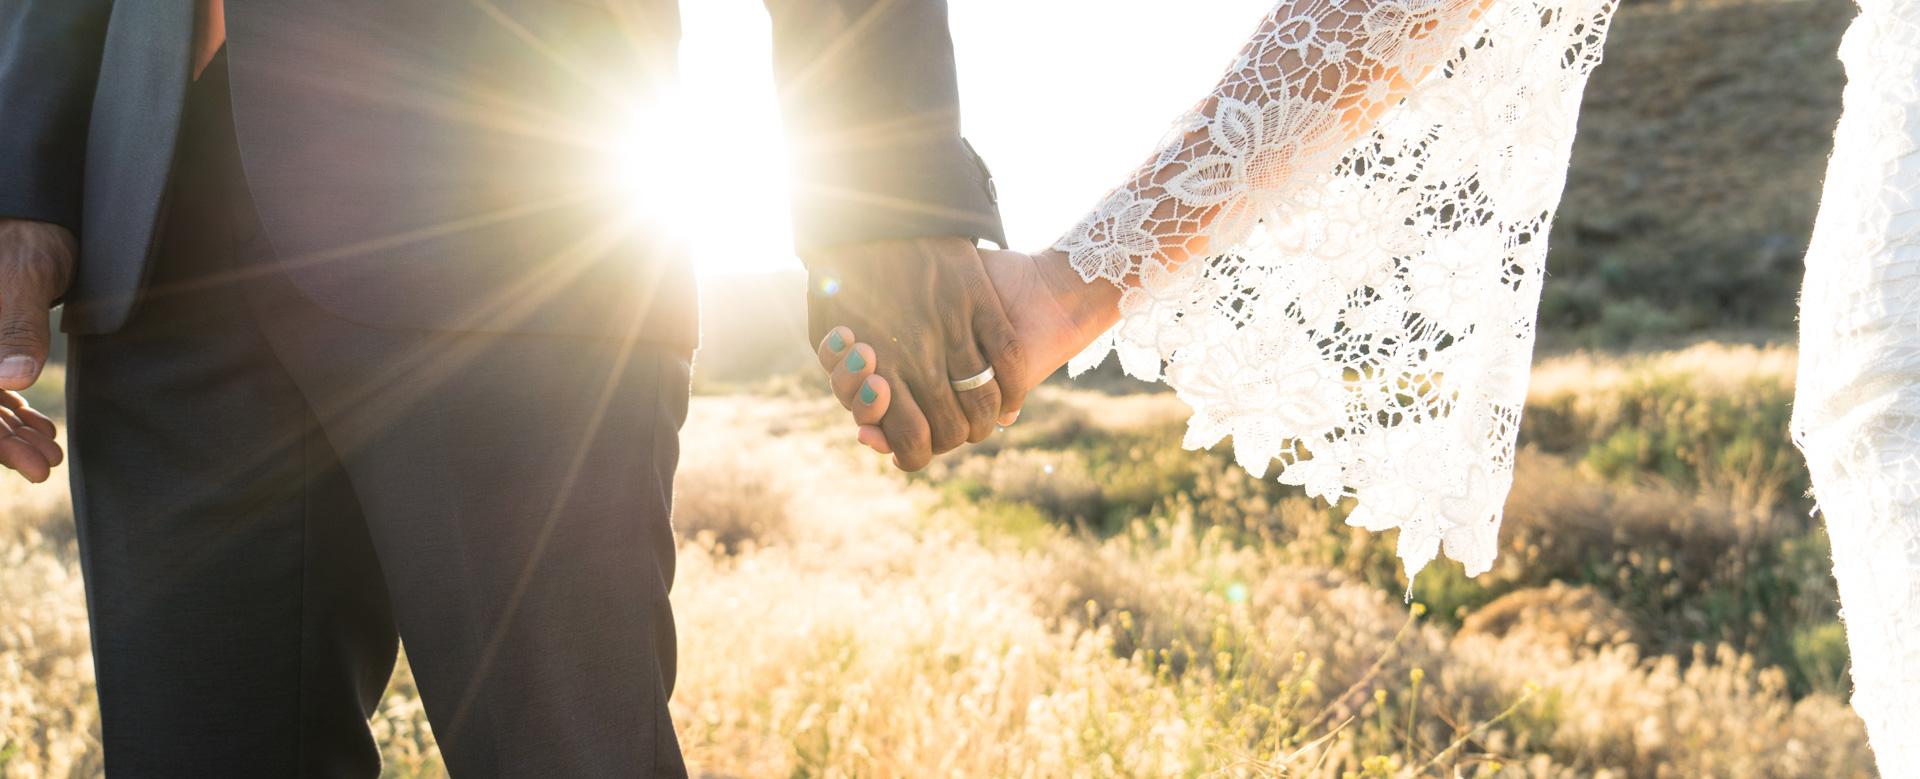 Couple de mariés se tenant la main dans un champ, découvrez le top 5 des meilleurs blogs de mariage dans le monde